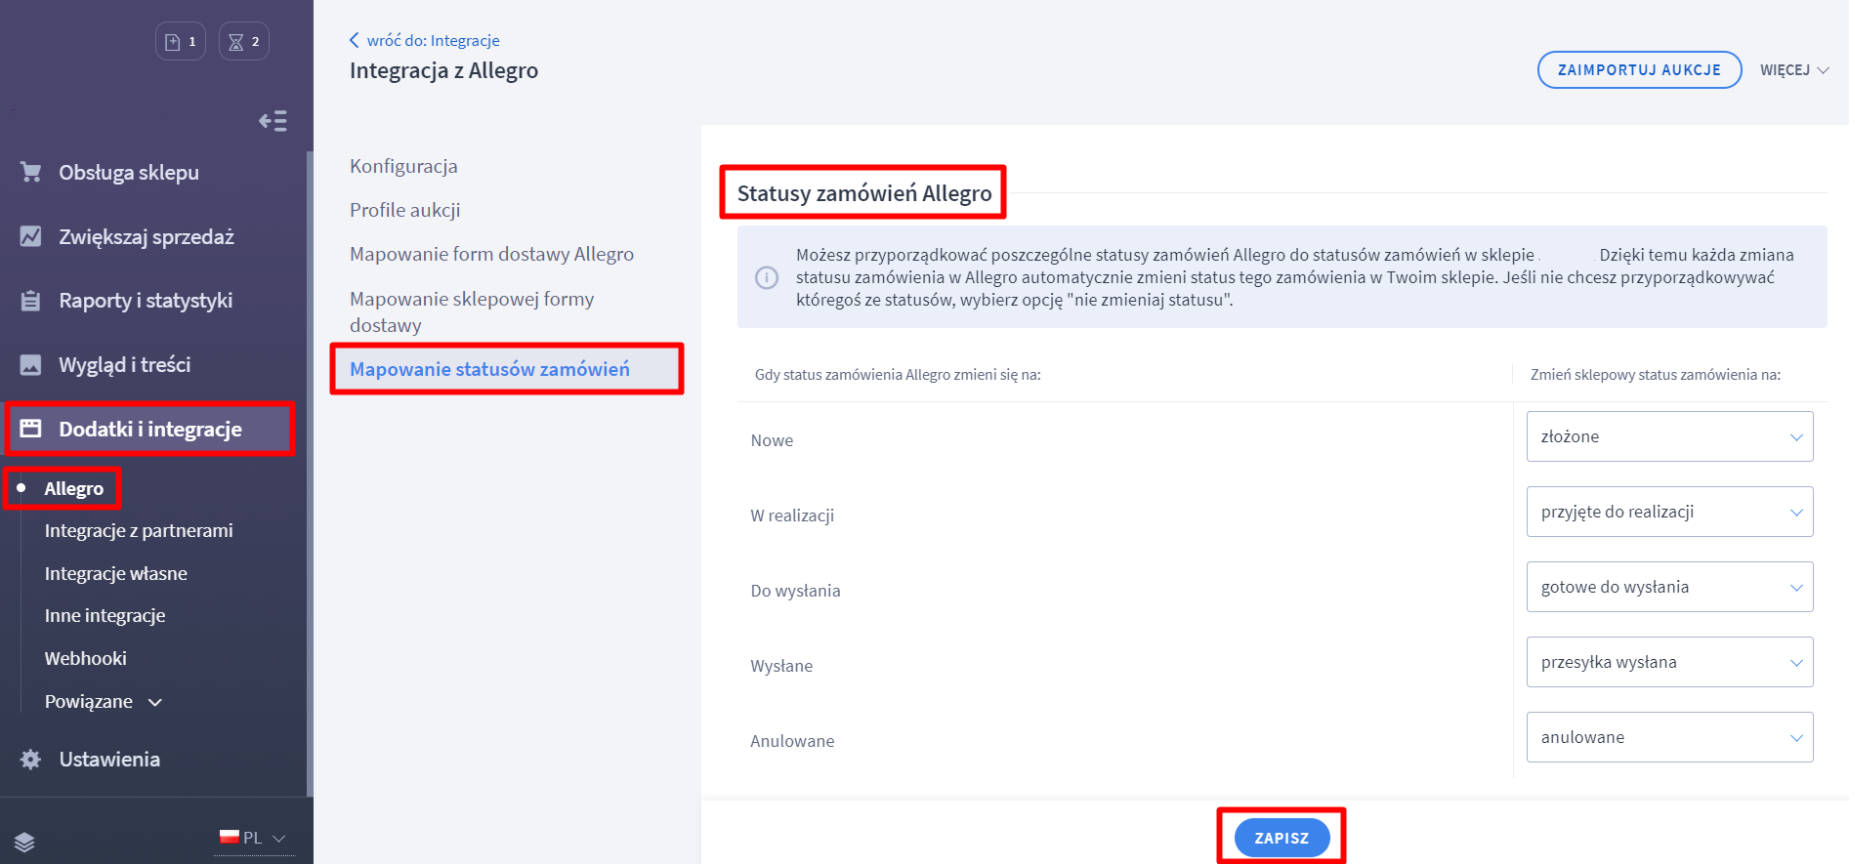 Allegro: Mapowanie statusów zamówień